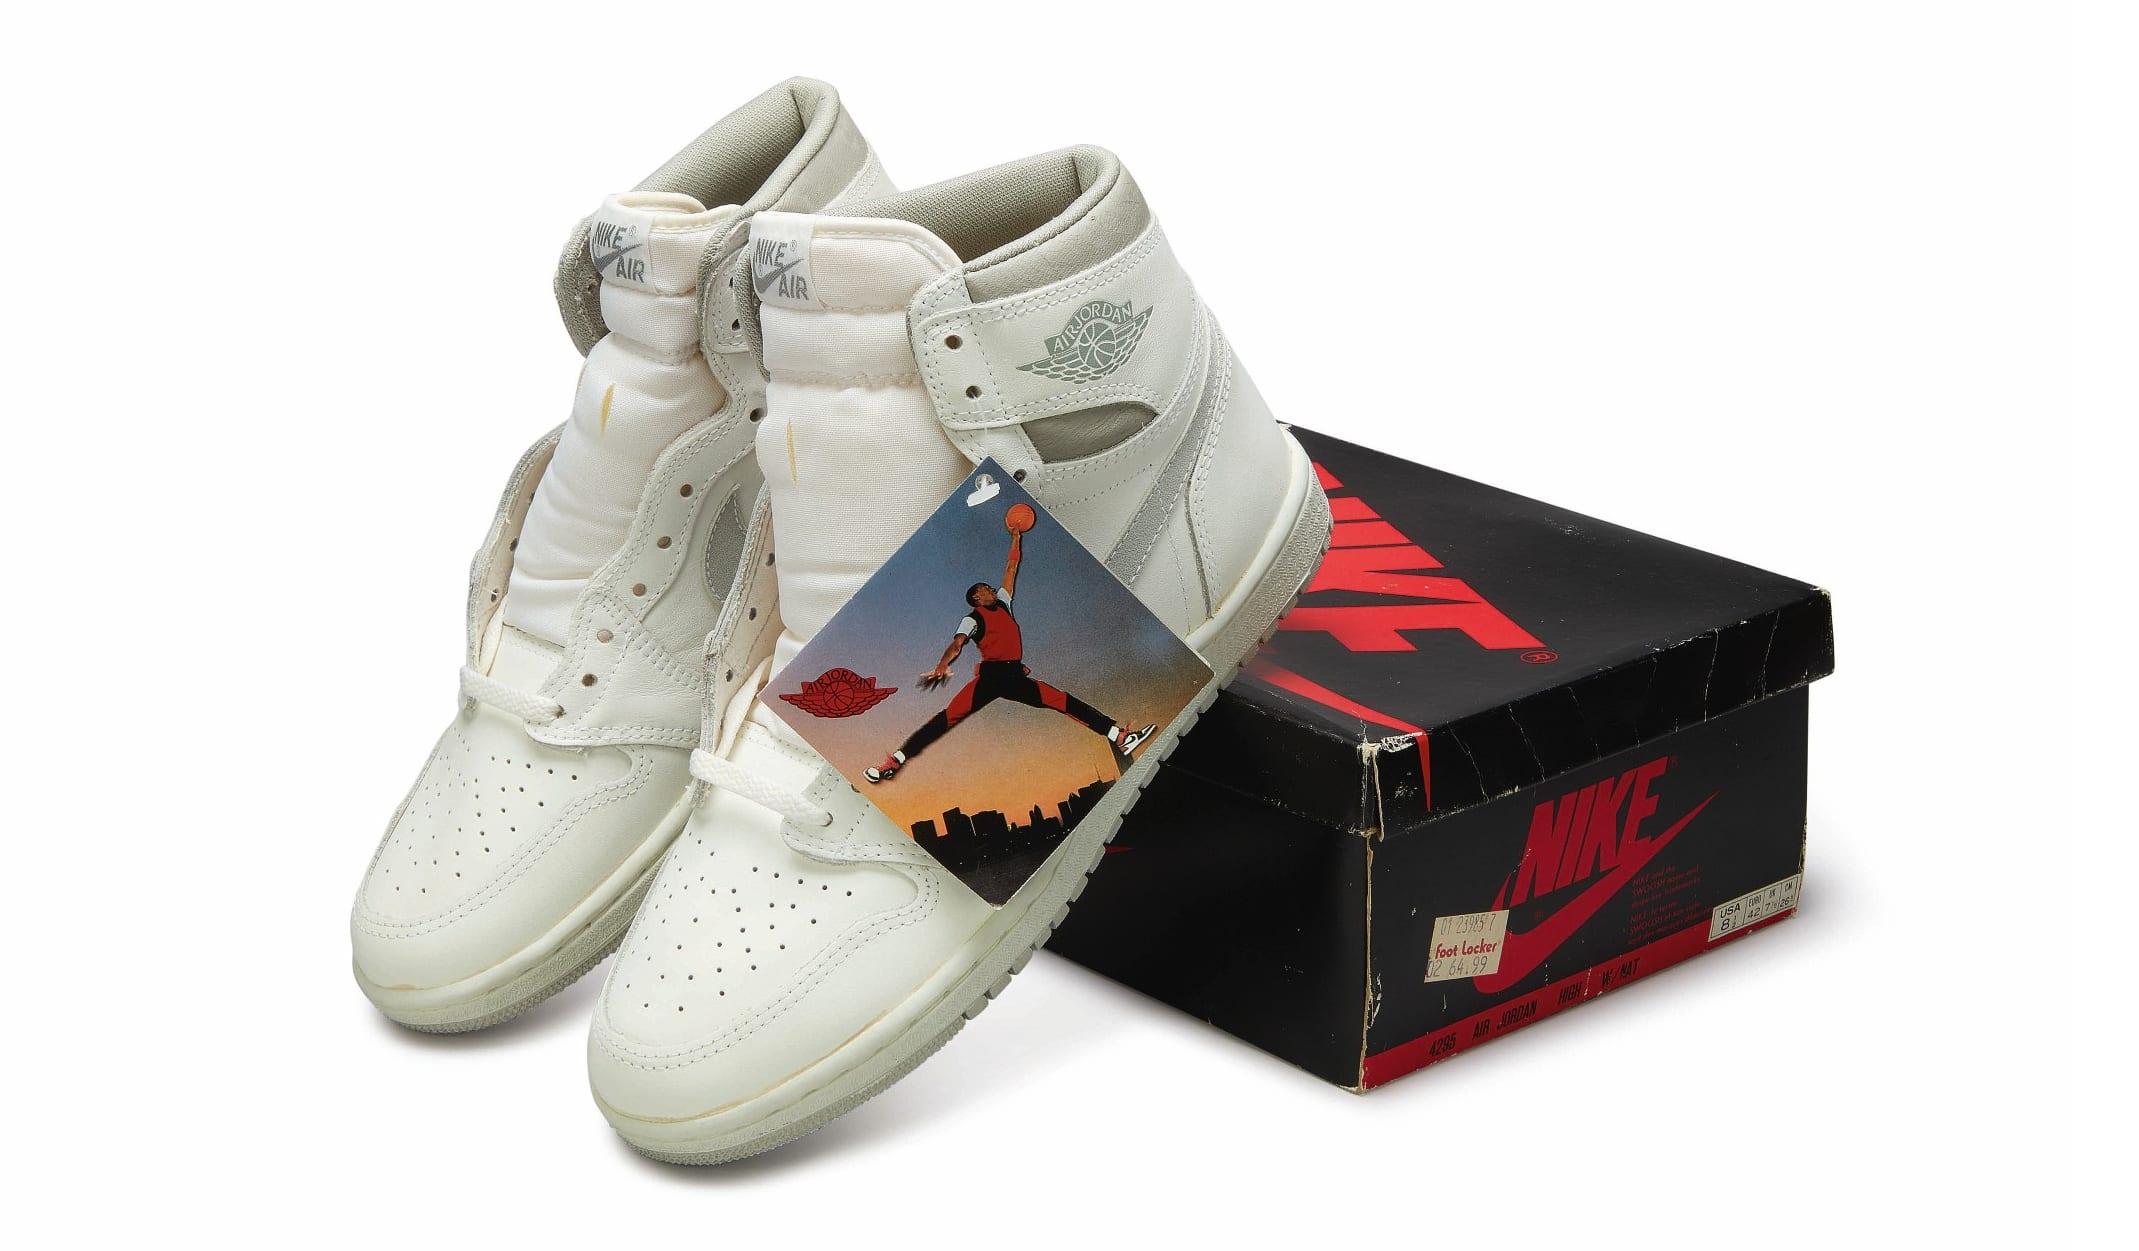 Nike Air Jordan 1 High OG (1985) 'Natural Grey', Foto: Sotheby's